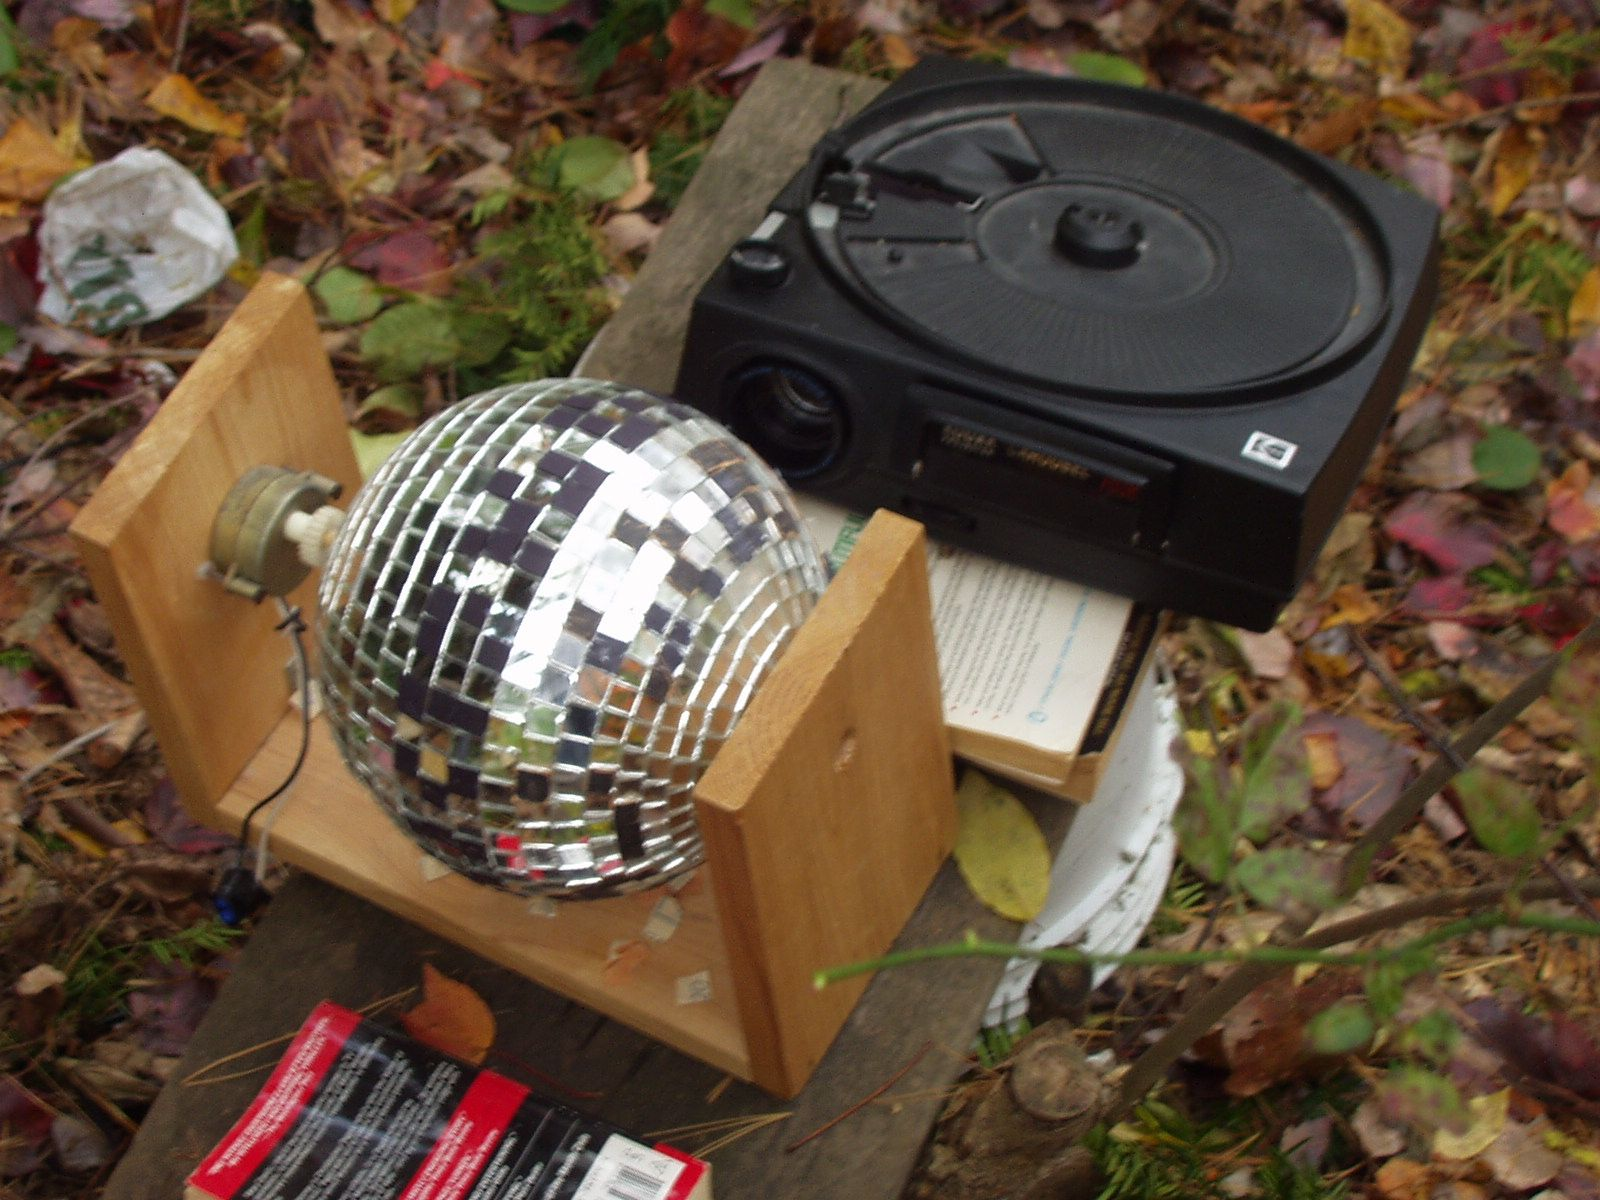 DIY Outdoor Halloween house projector Halloween diy